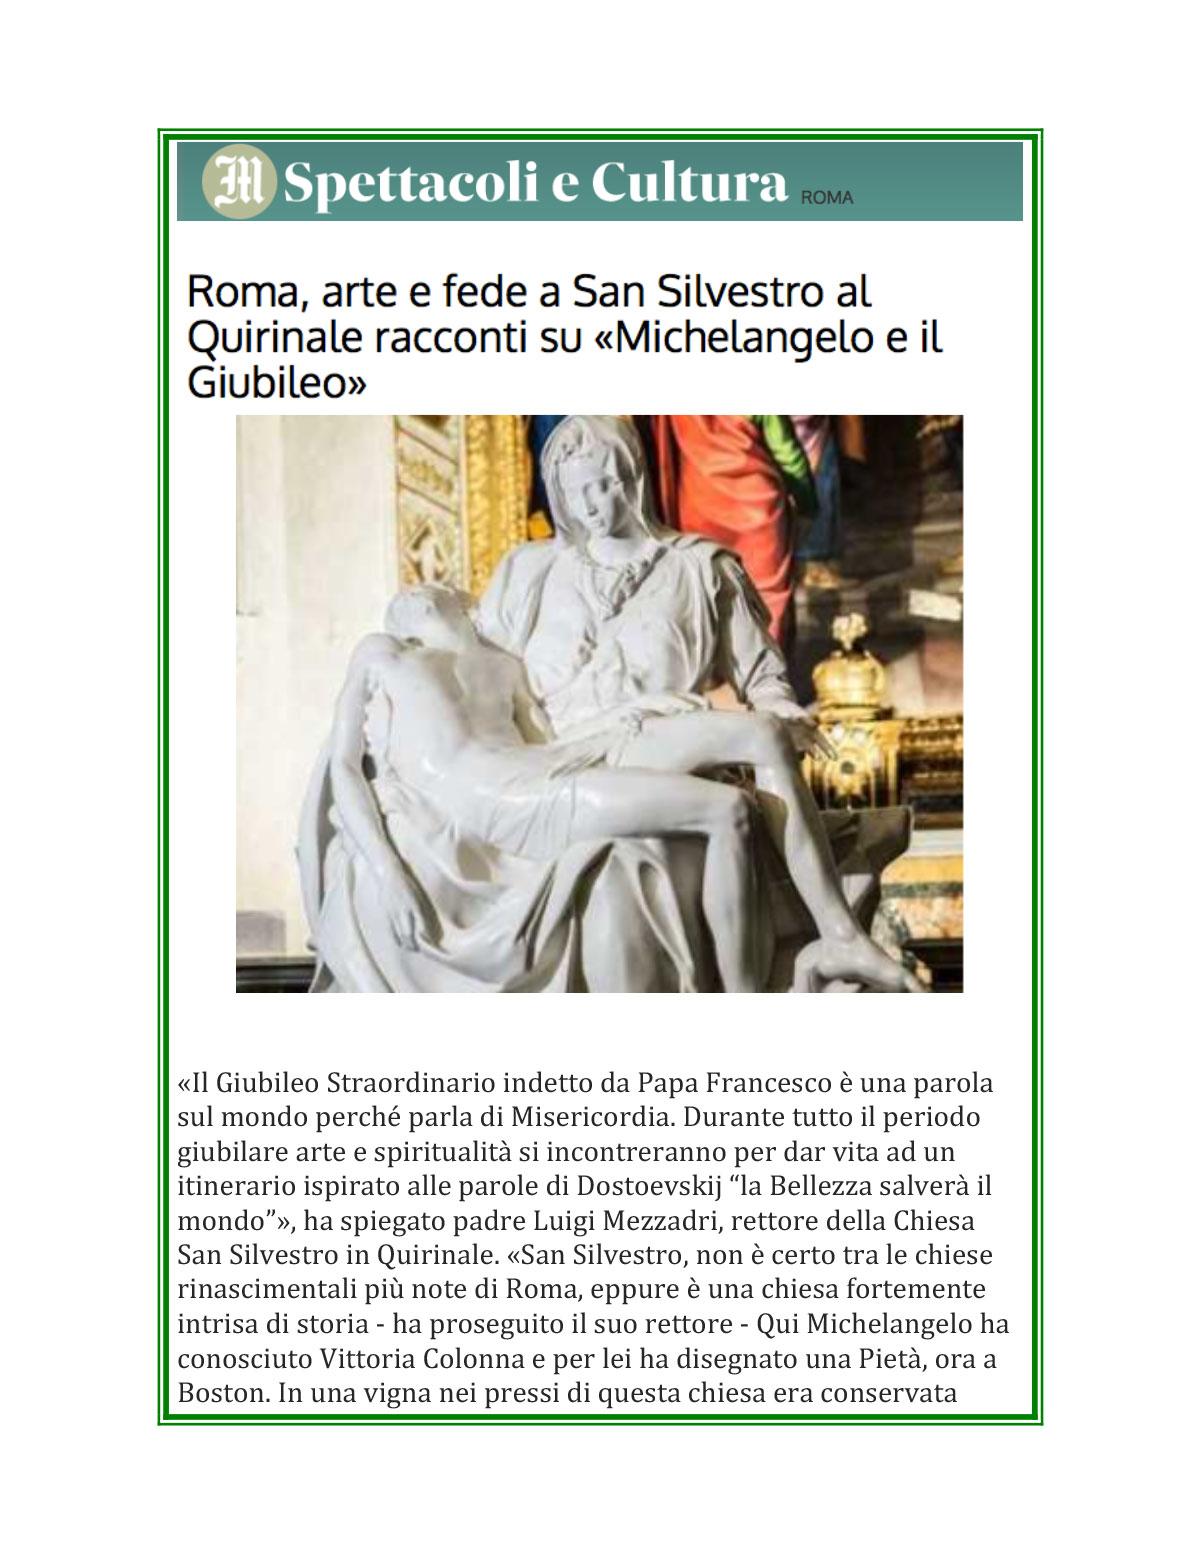 Roma, arte e fede a San Silvestro al Quirinale December 3, 201